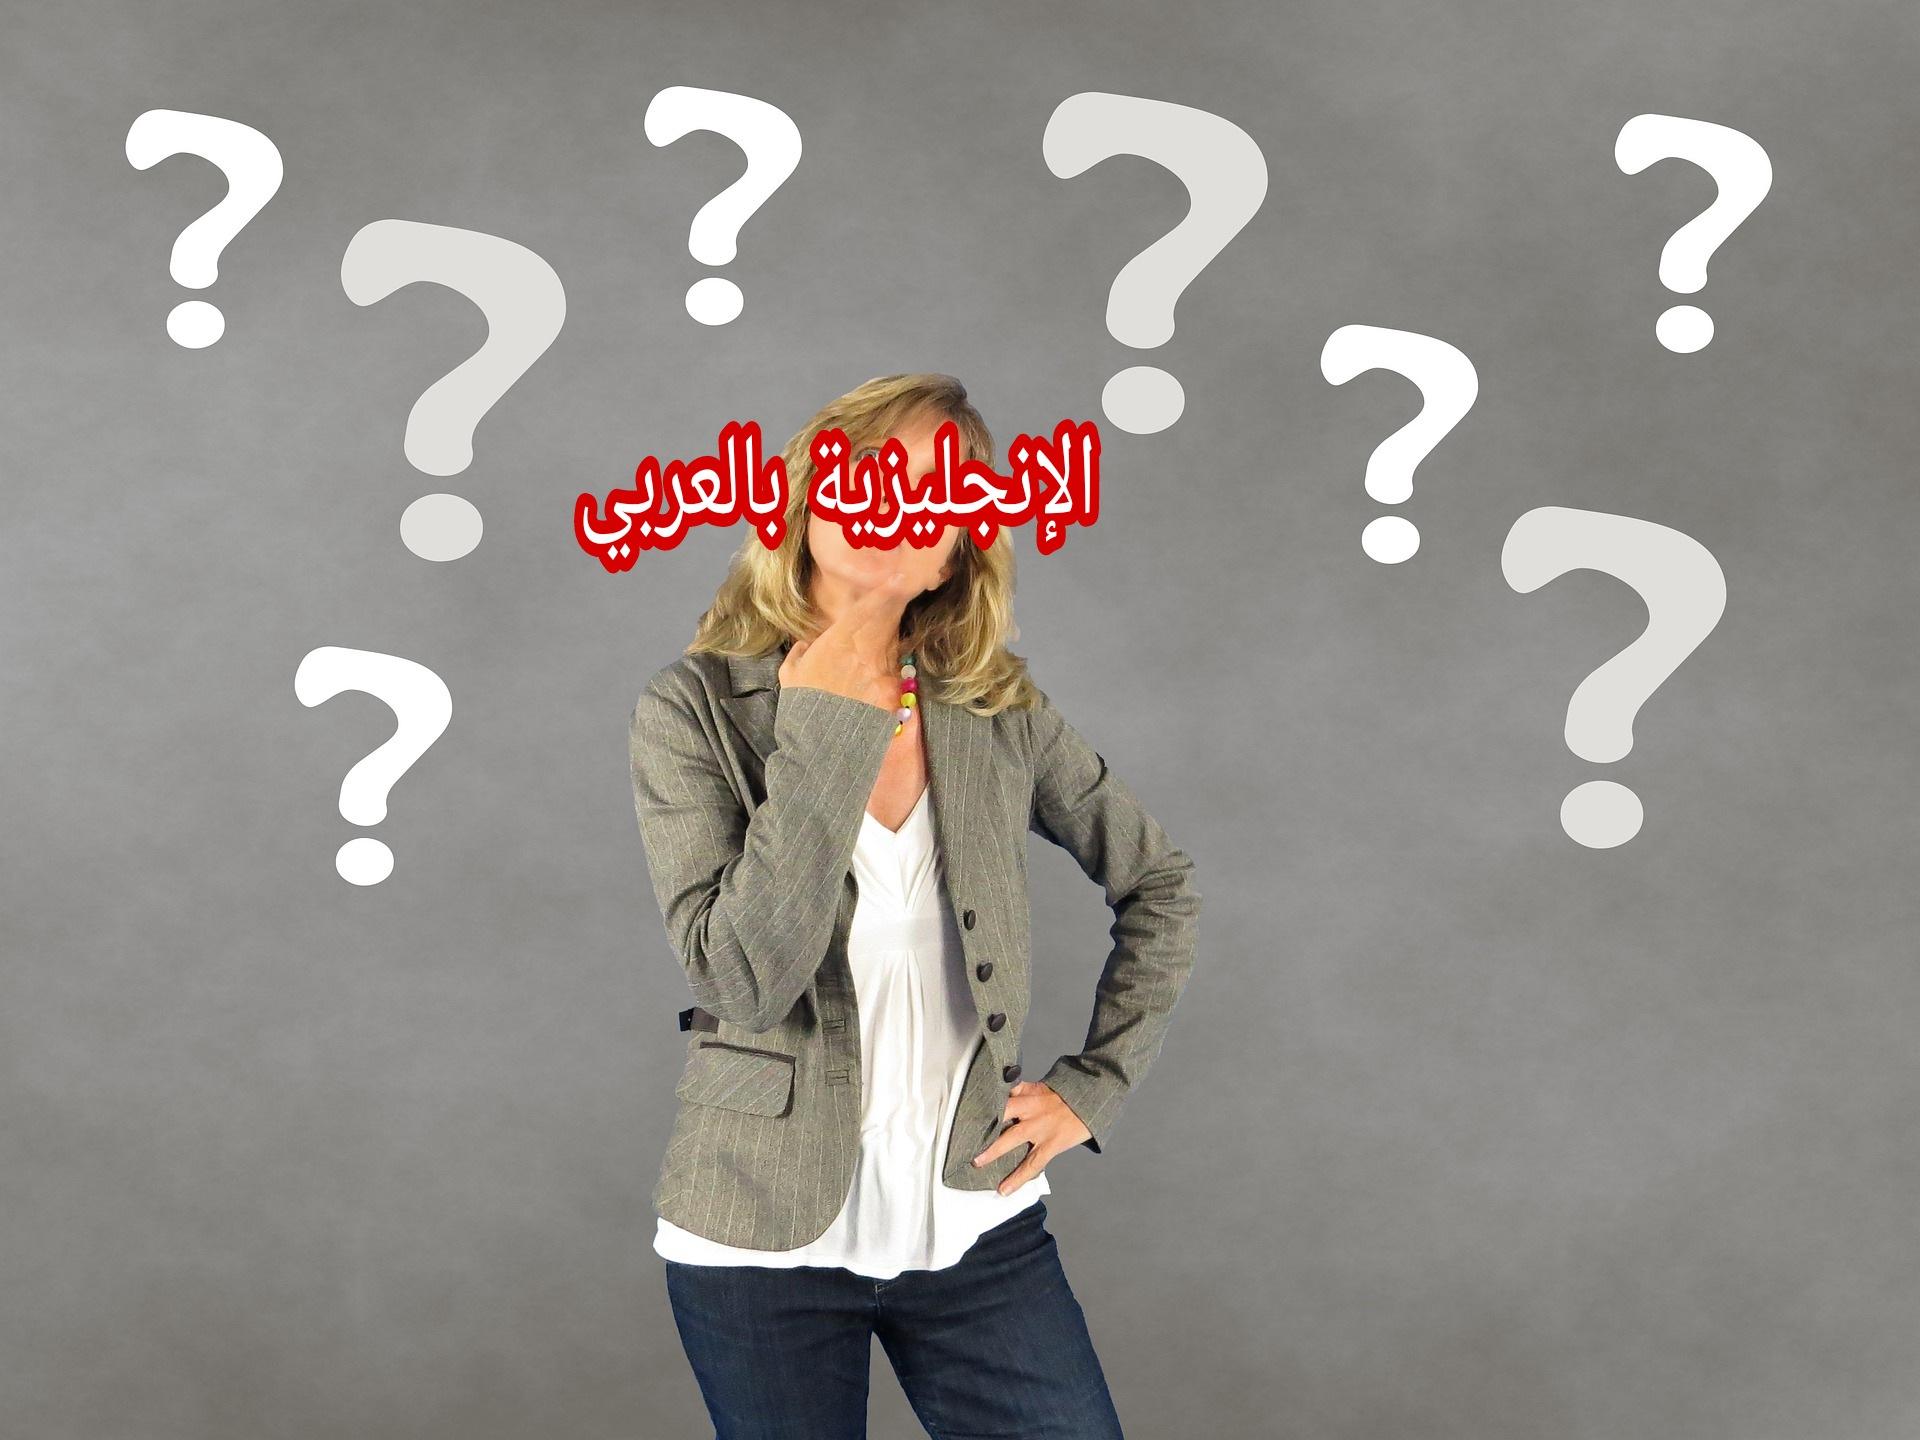 السؤال الذيلي بالإنجليزي